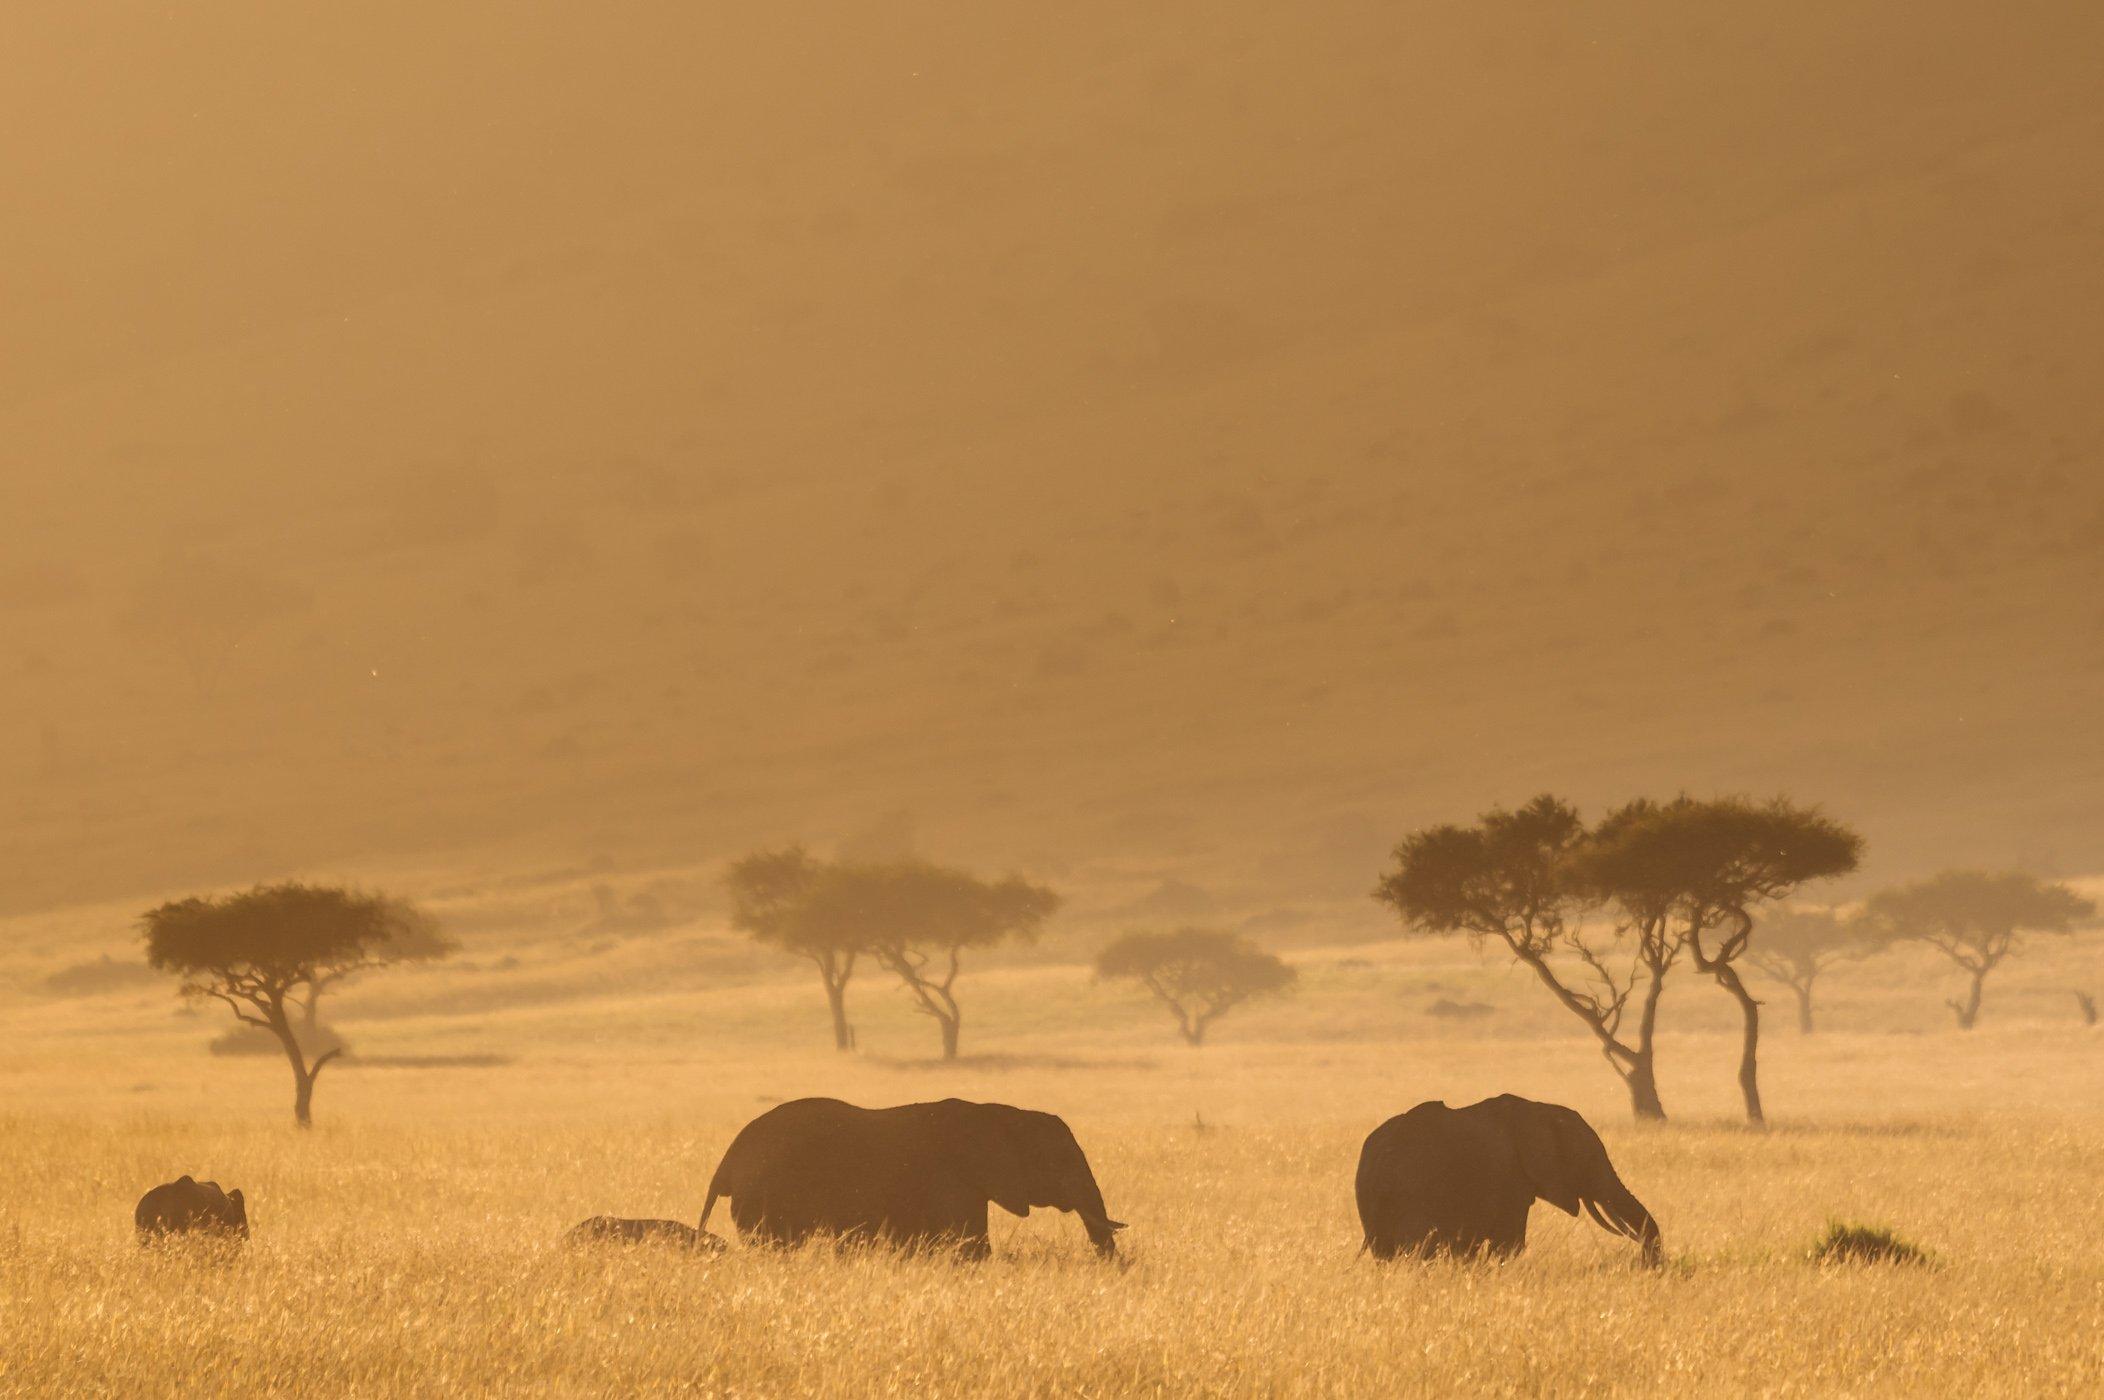 Elephants in the Mara Triangle in Kenya